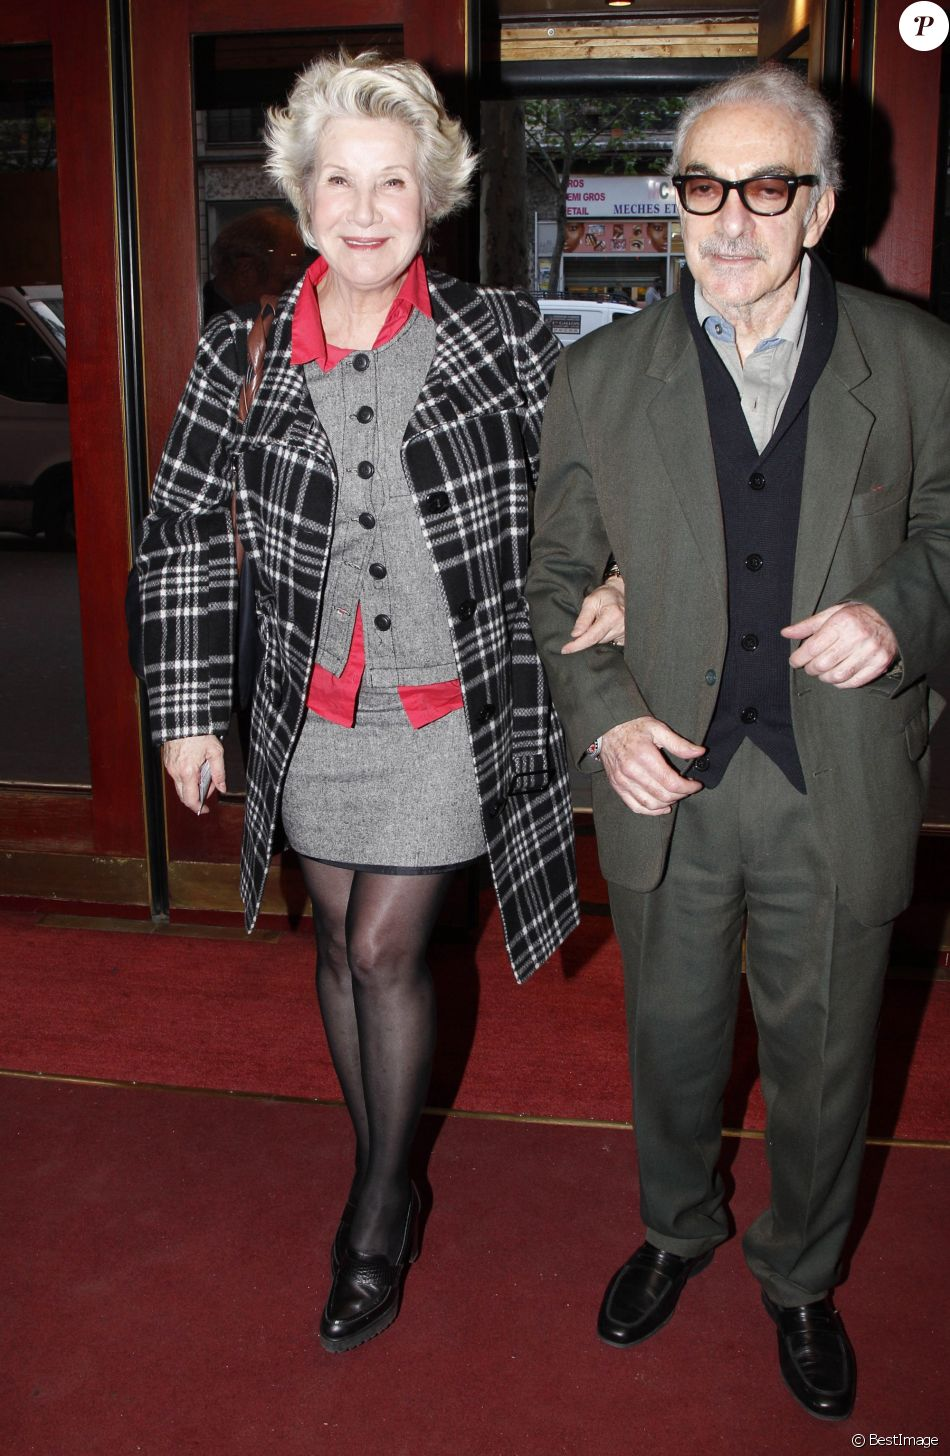 Danièle Gilbert et son compagnon Patrick Semana au théâtre à Paris, le 3 avril 2012.